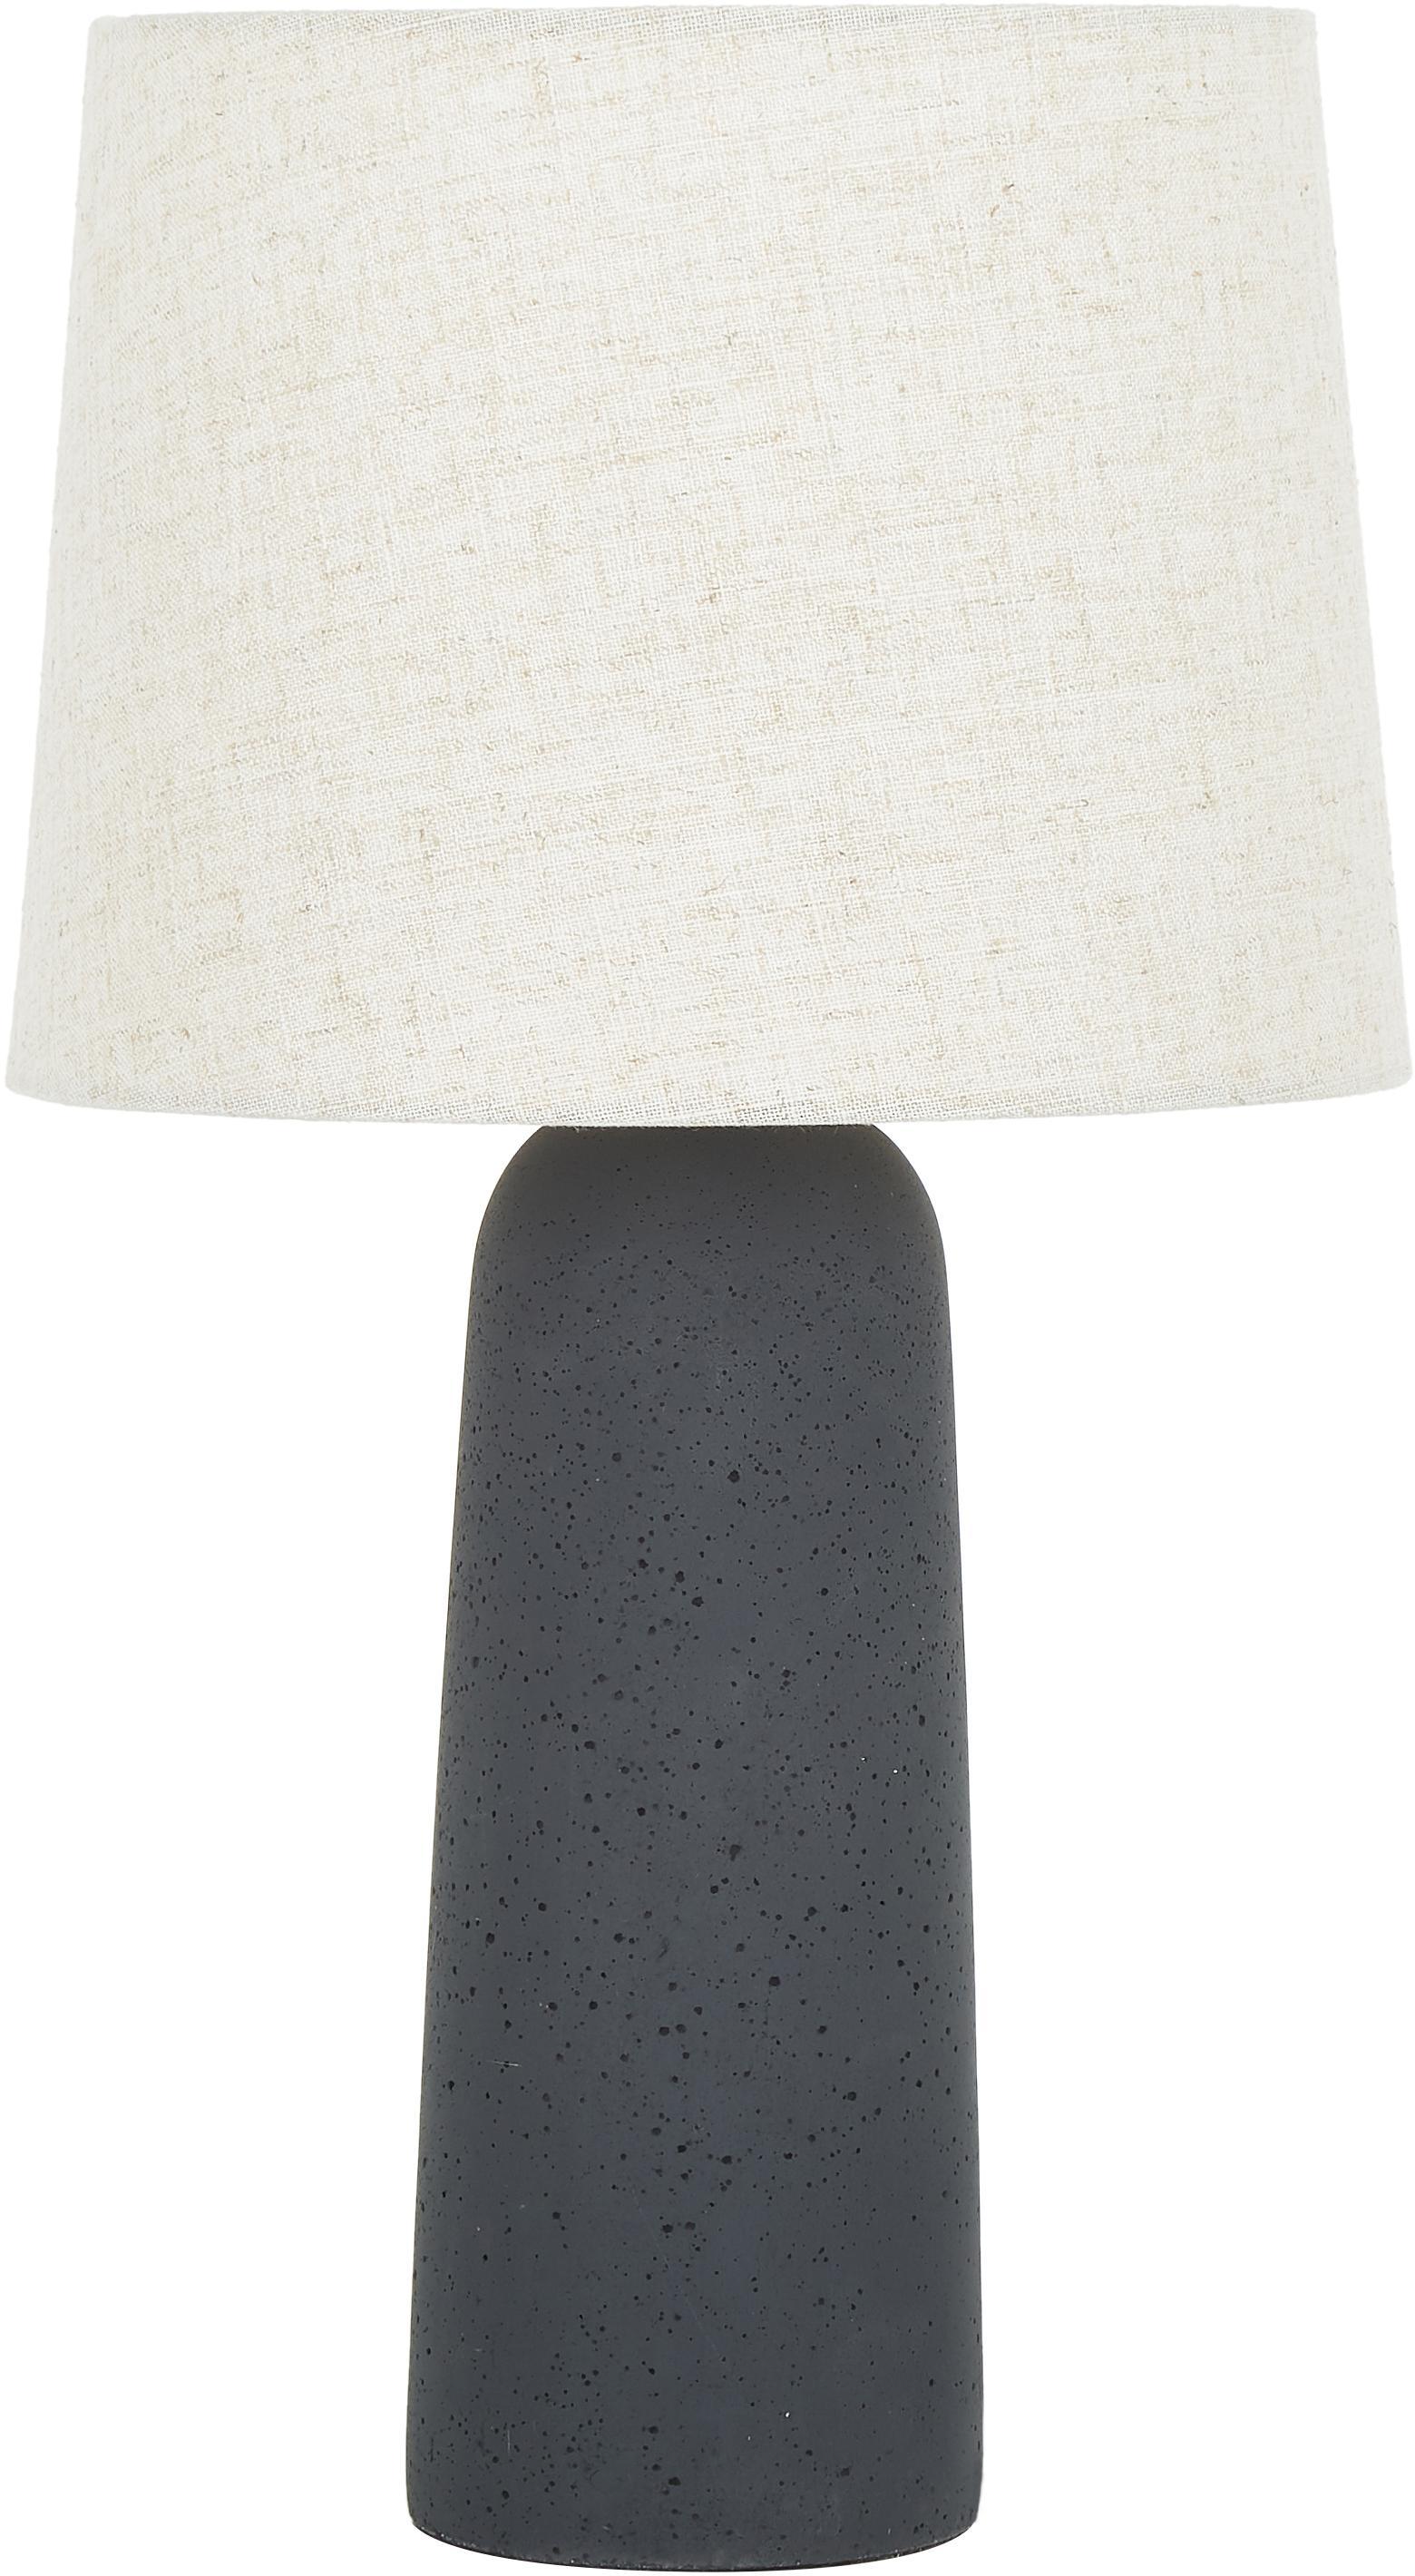 Lámpara de mesa grande Kaya, Pantalla: 80%algodón, 20%lino, Cable: cubierto en tela, Beige, gris oscuro, Ø 29 x Al 52 cm